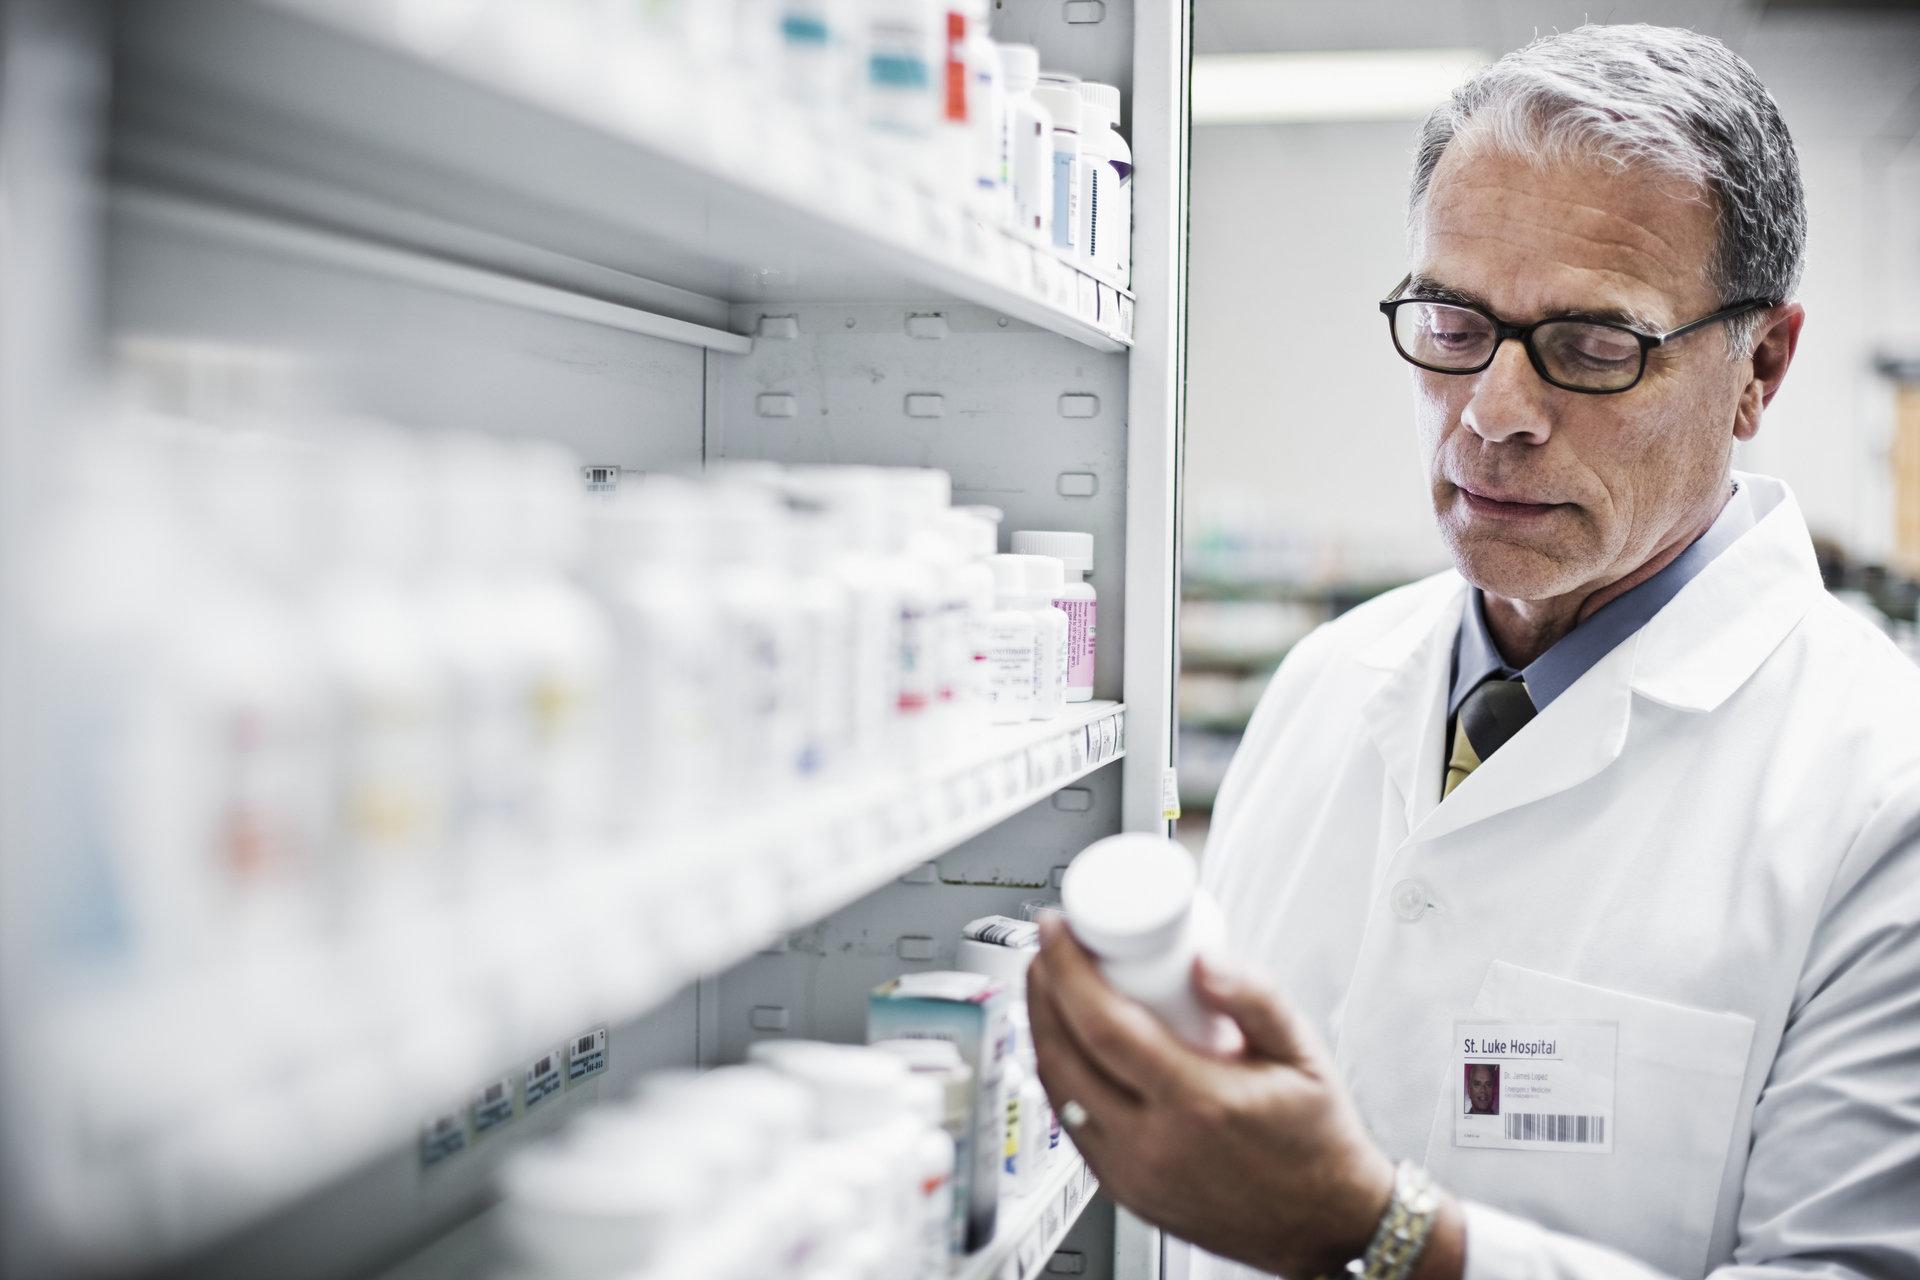 RPO: Farmaceuta nie może oceniać stanowiska lekarza